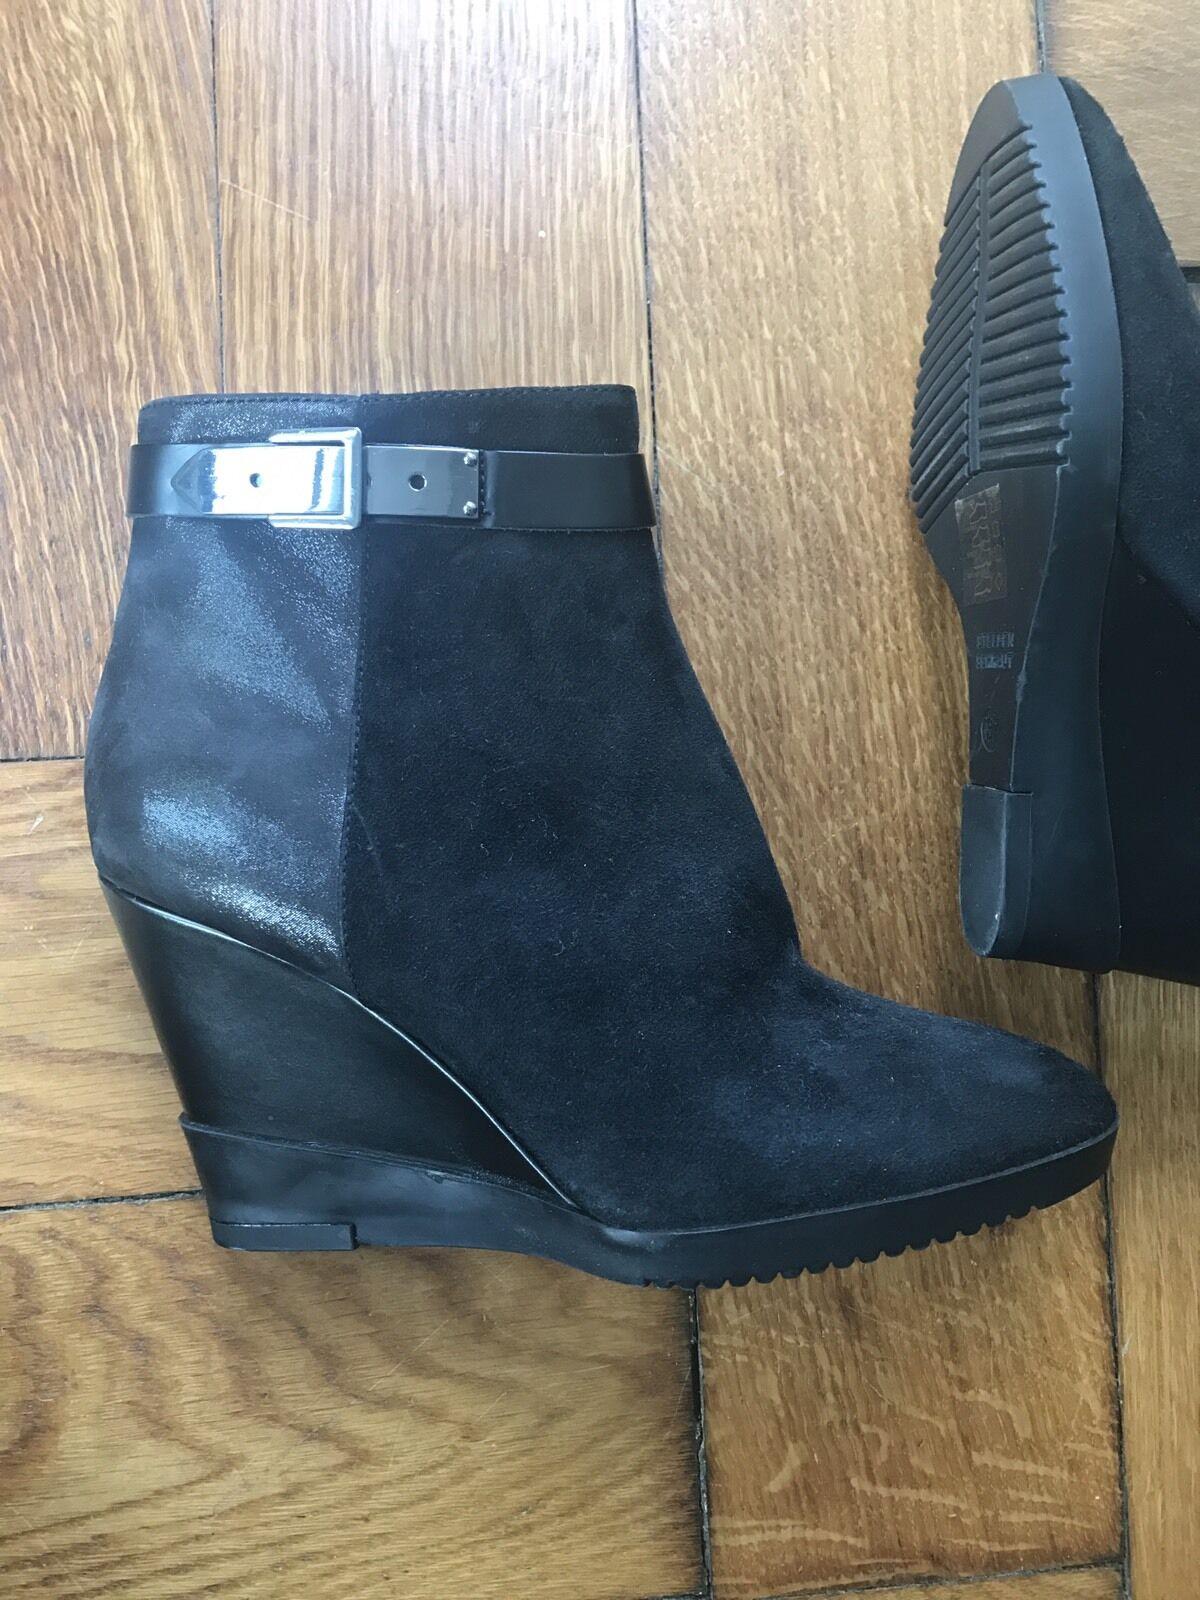 STEFFEN SCHRAUT Schuhe, Plateau, Stiefel, Booties, Schwarz, 37, wie Neu